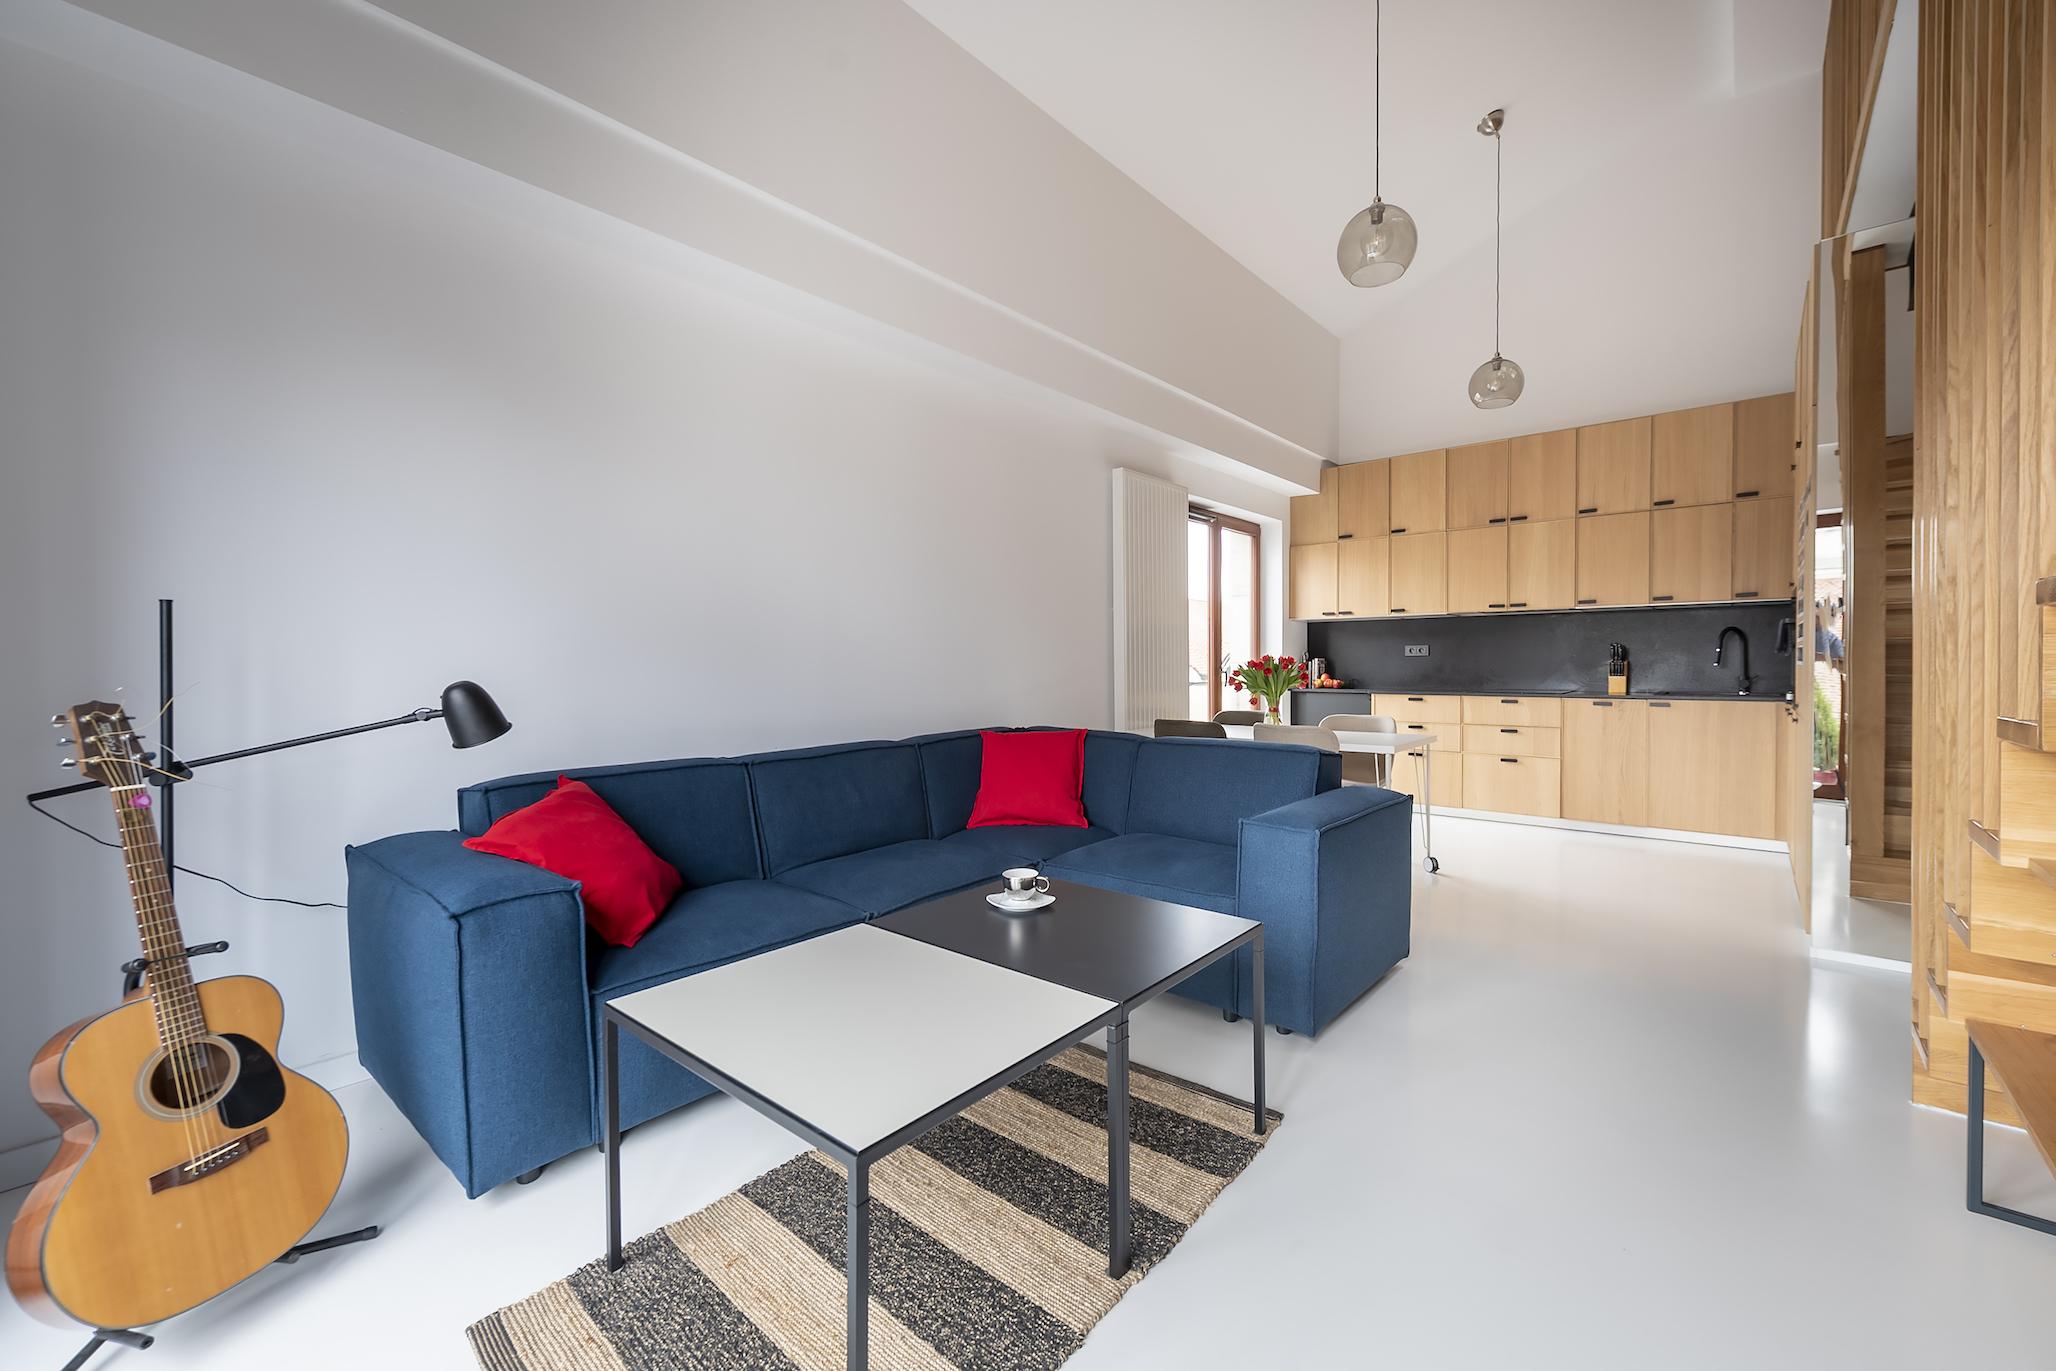 Mieszkanie na poznańskiej starówce